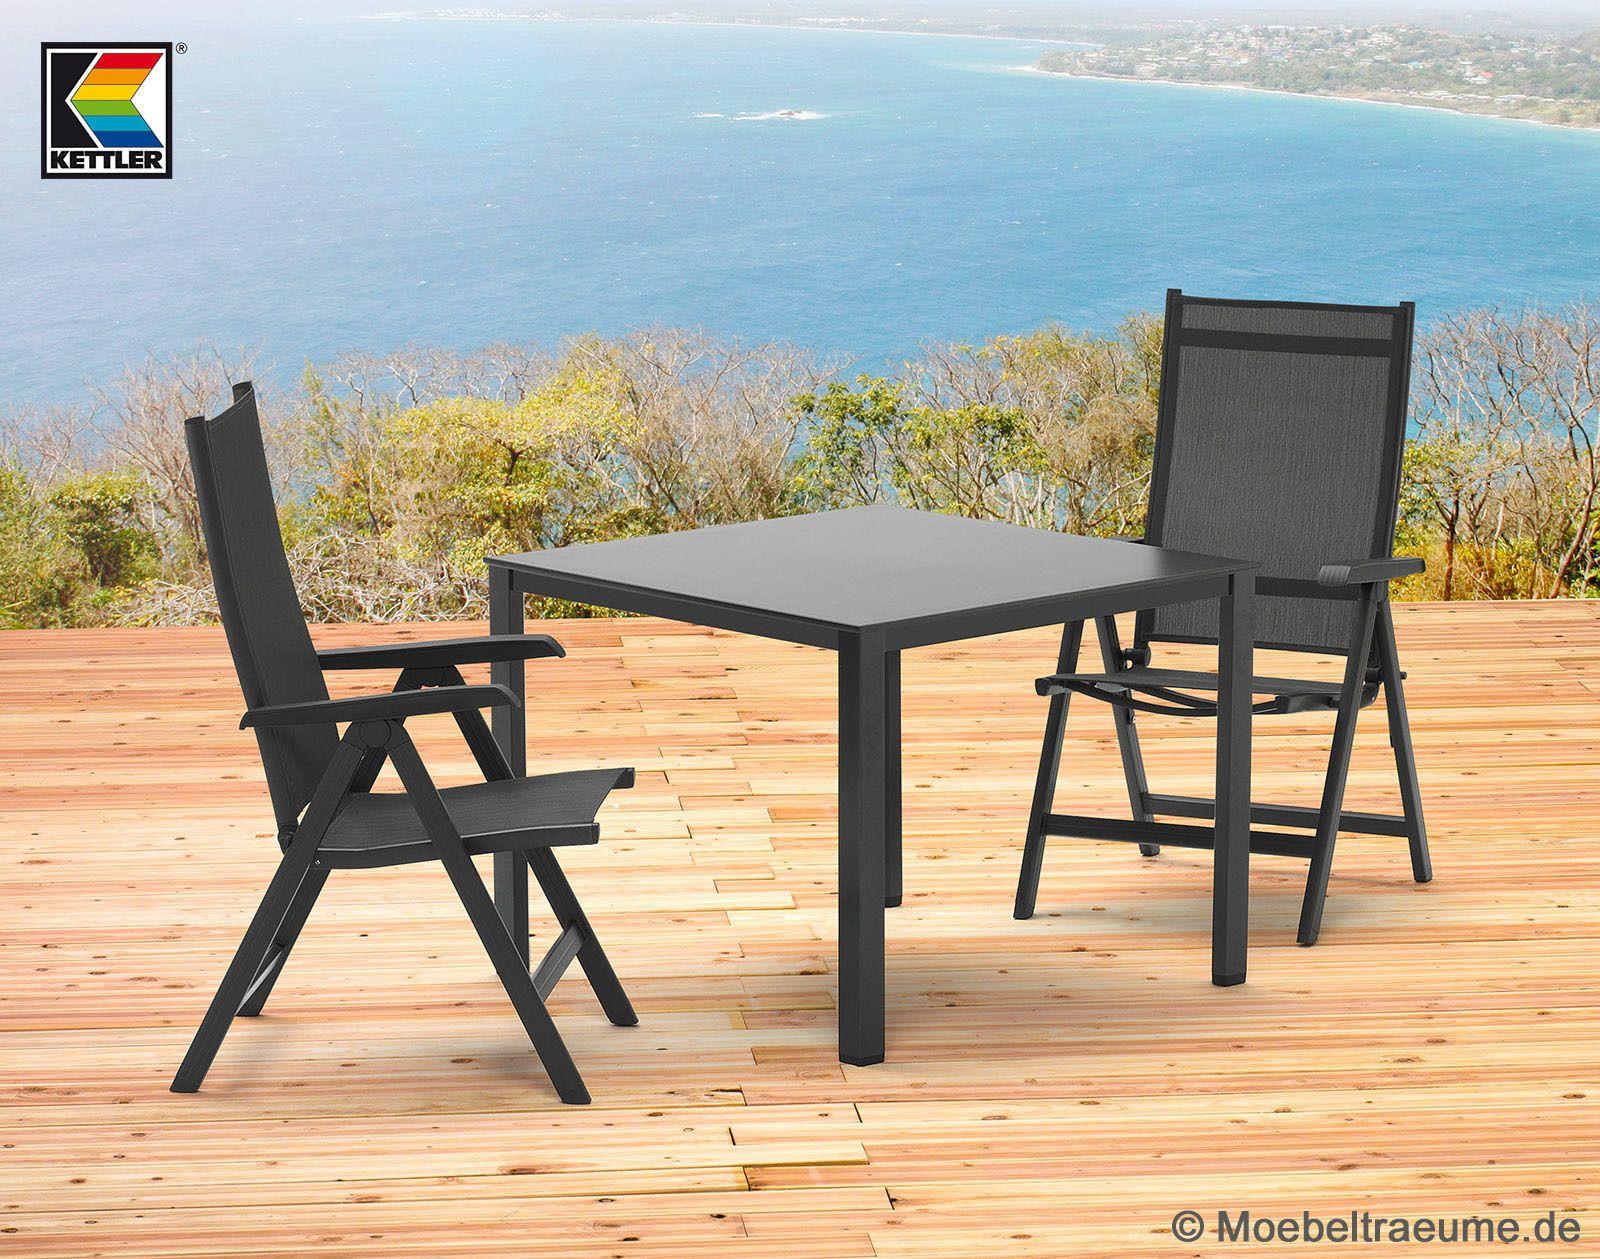 1 Tisch 95 X 95 Cm Und 2 Sessel Kettler Basel Gartenmo 1 Tisch